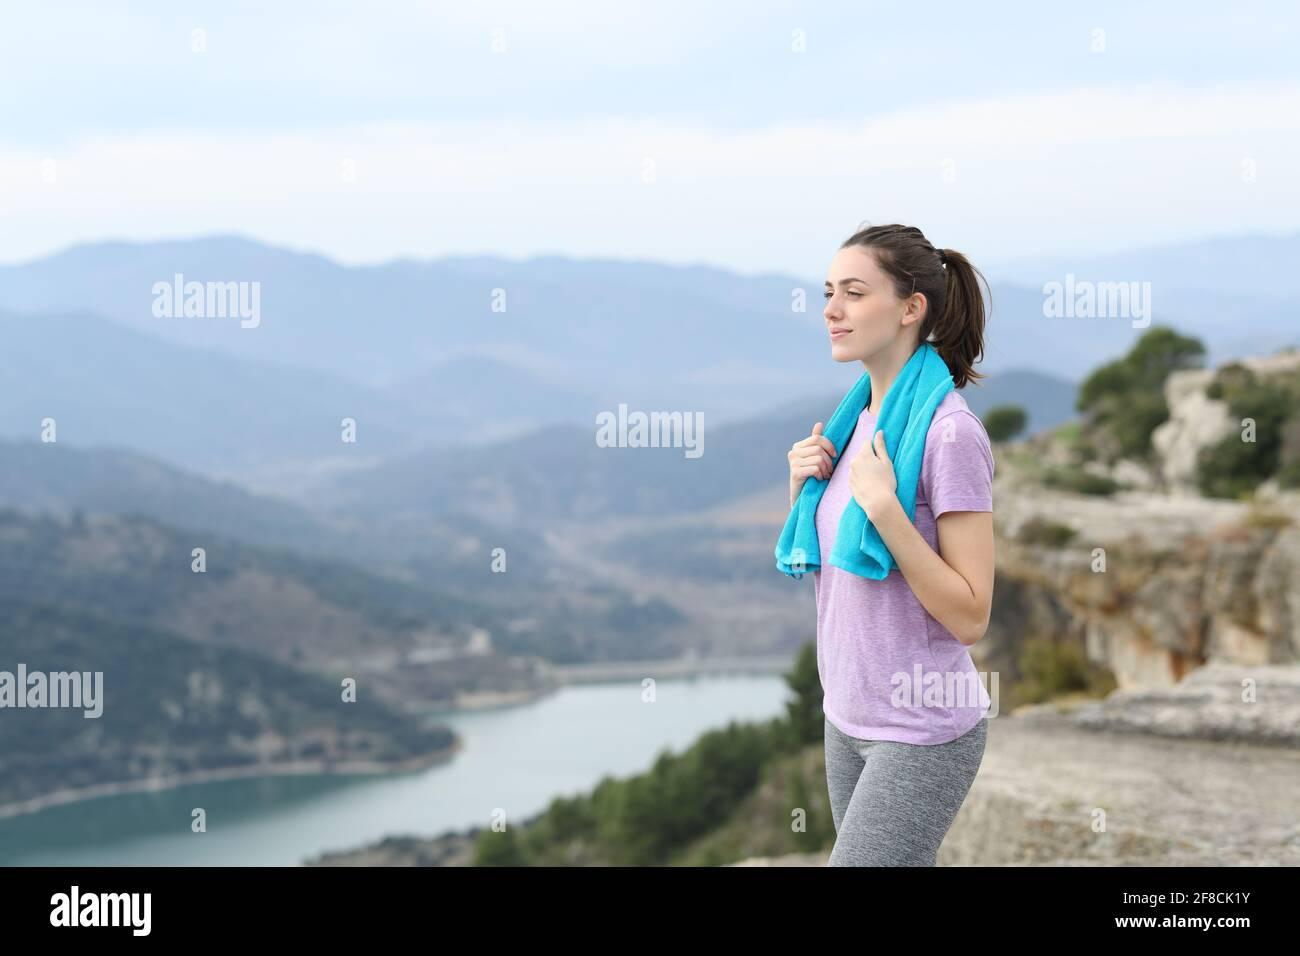 Un bon coureur saisissant une serviette contemplant les vues après le sport dans le montagne Banque D'Images